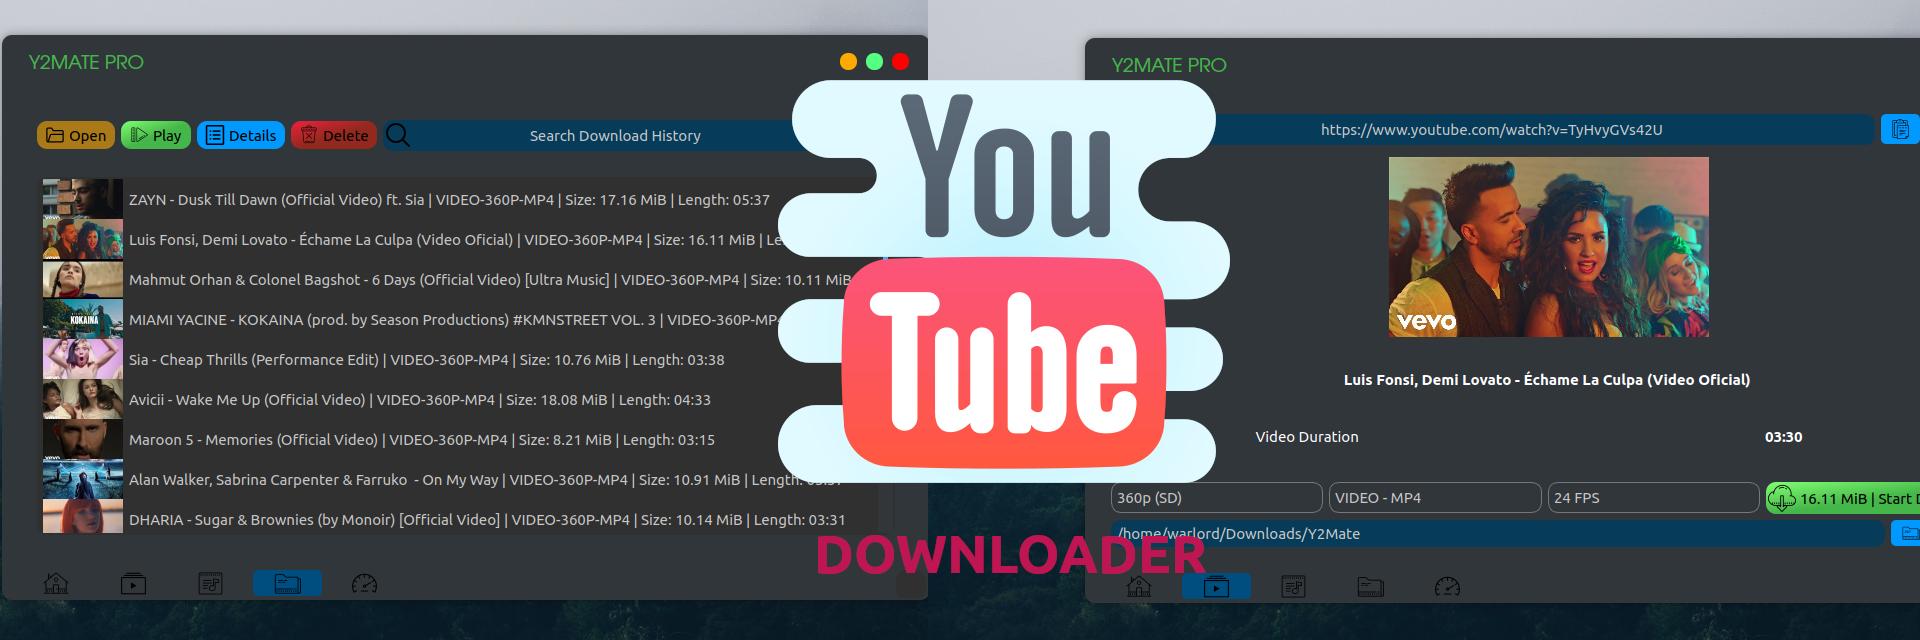 Y2MATE Pro - Download 8k/4k/2k videos banner